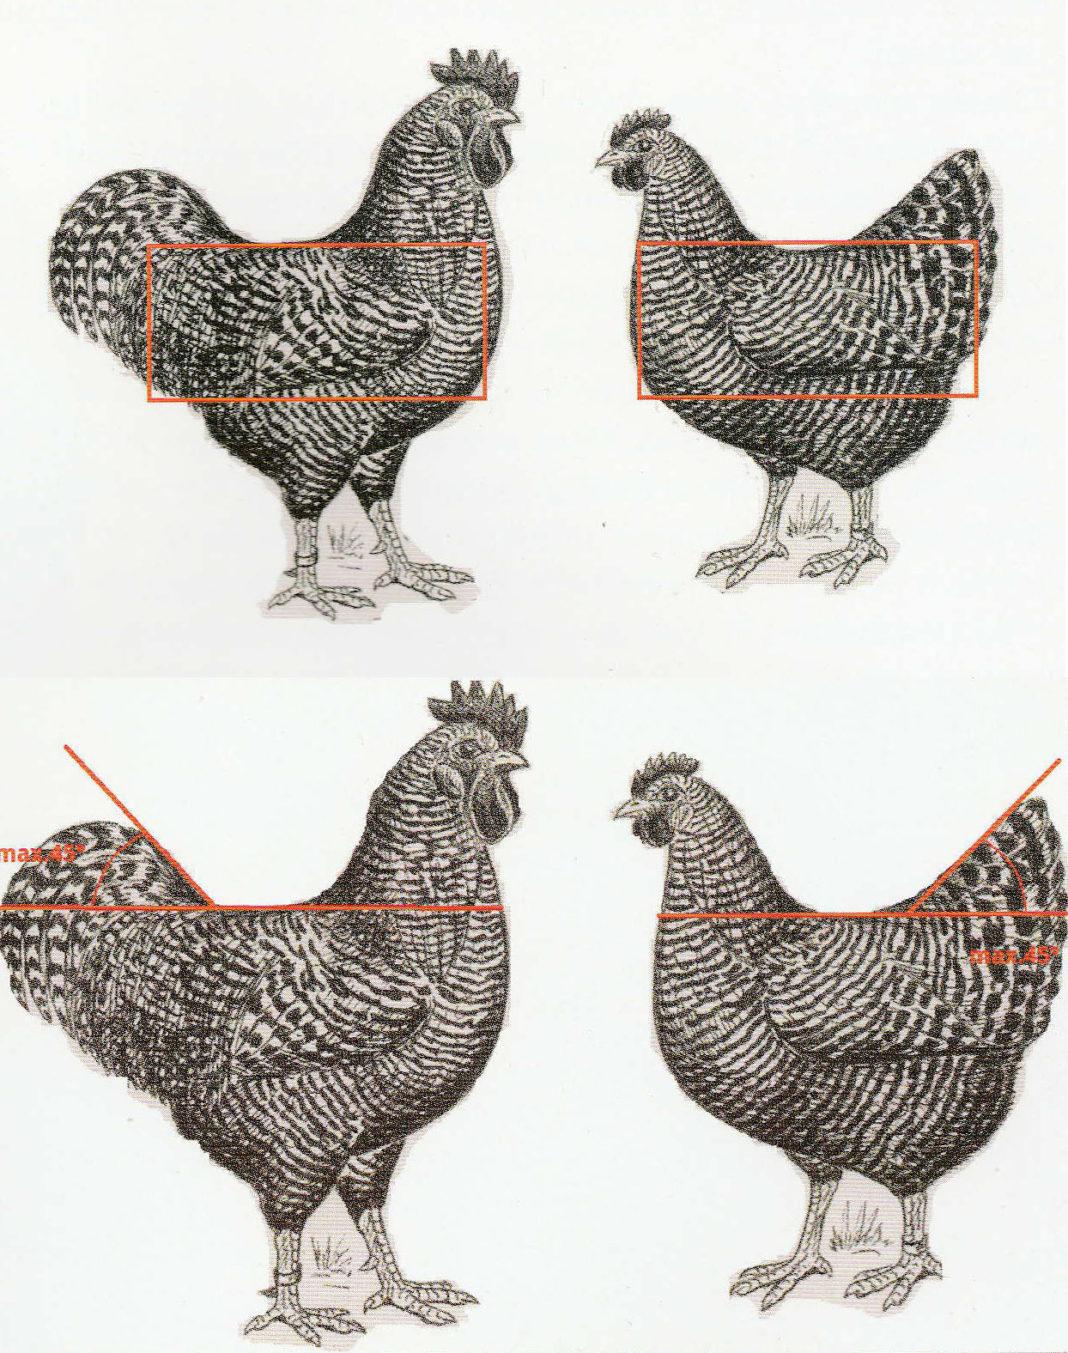 Disegno per riconoscimento gallina ovaiola di razza Amrock